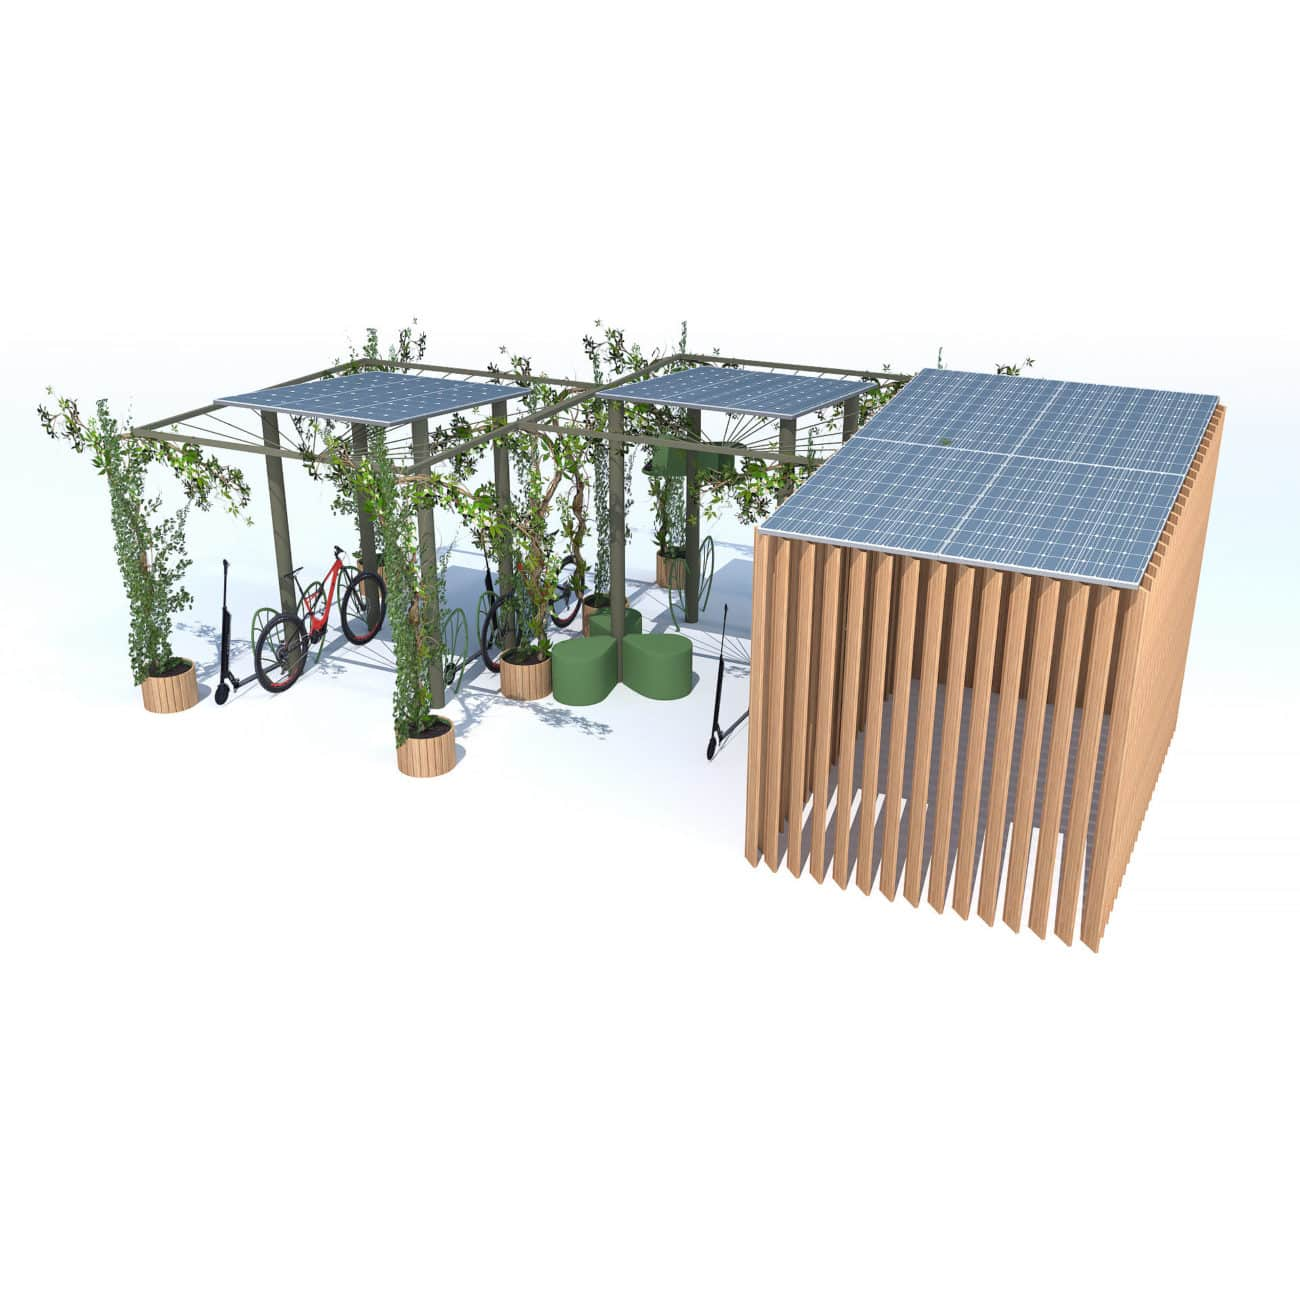 Canopée station de recharge solaire 4 vélo scooter trottinette électrique